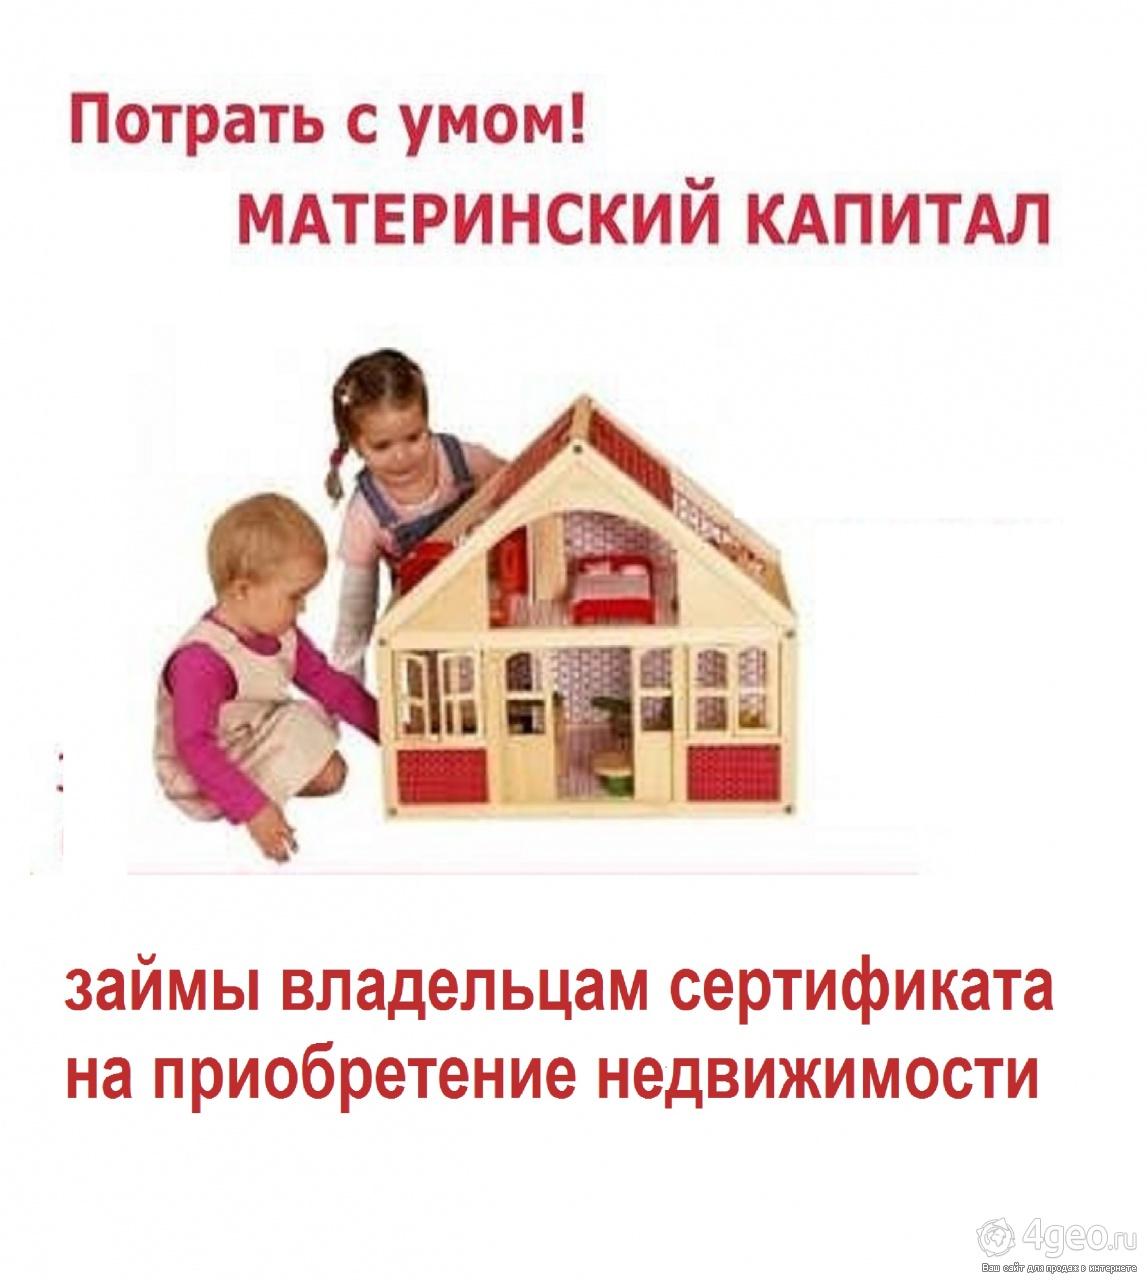 займ под материнский капитал квартира